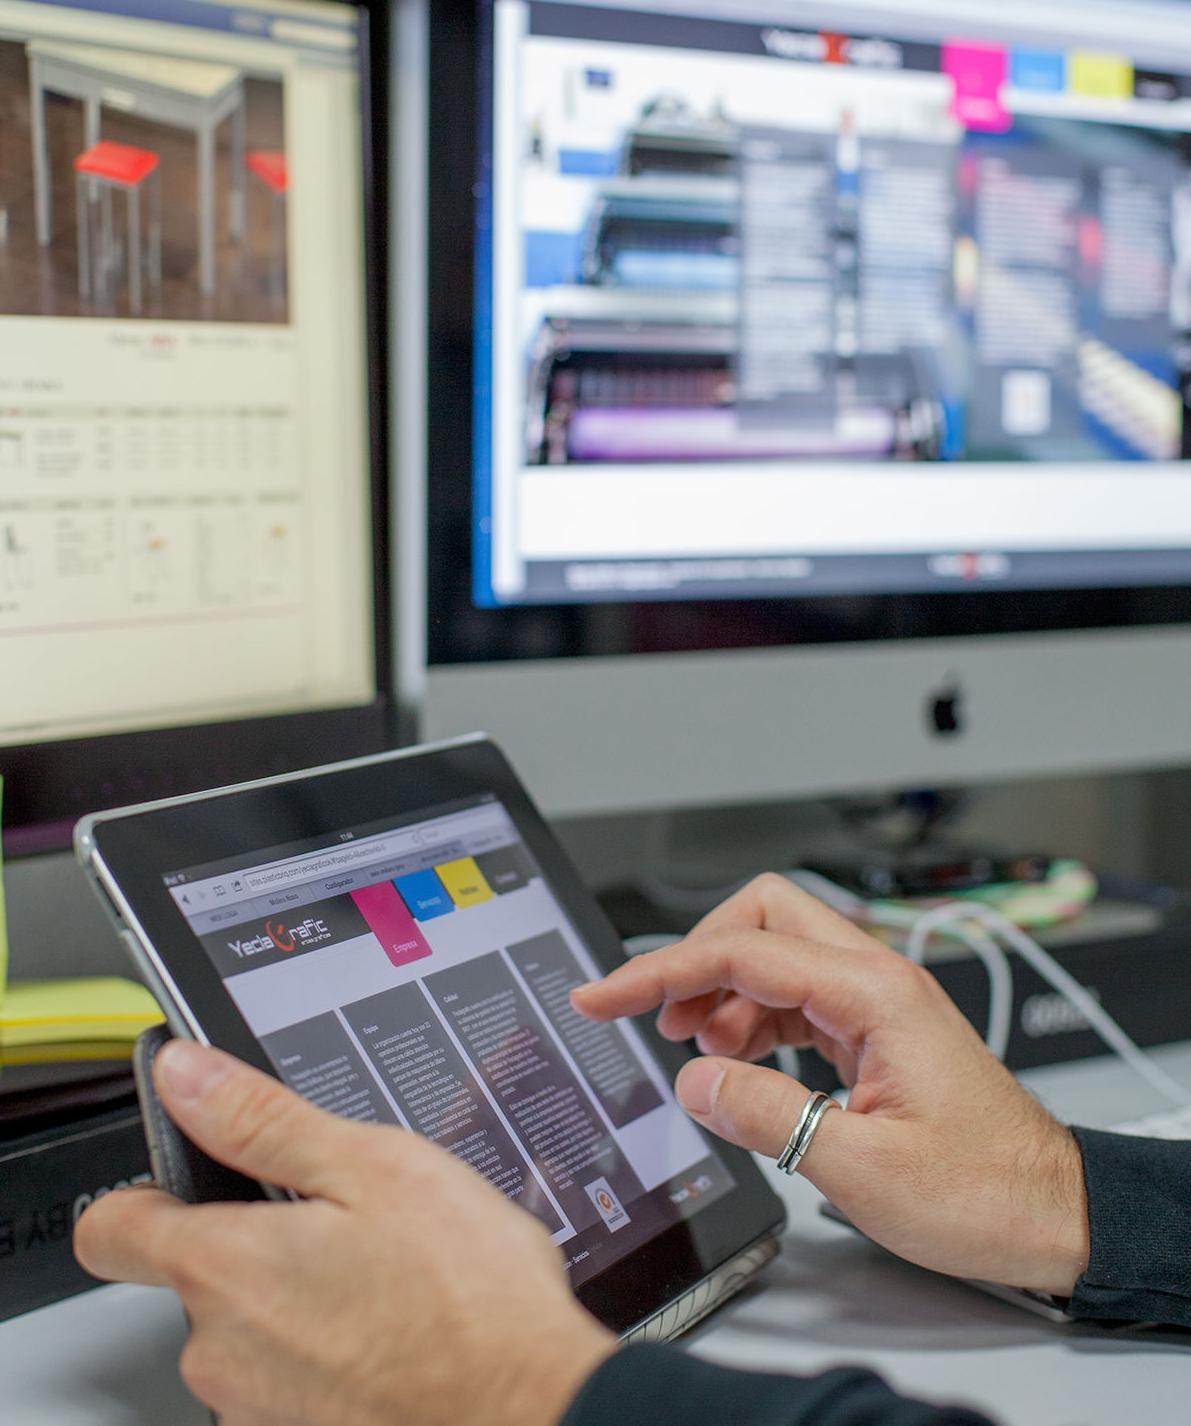 Servicios digitales: Servicios de Yeclagrafic, S.L.